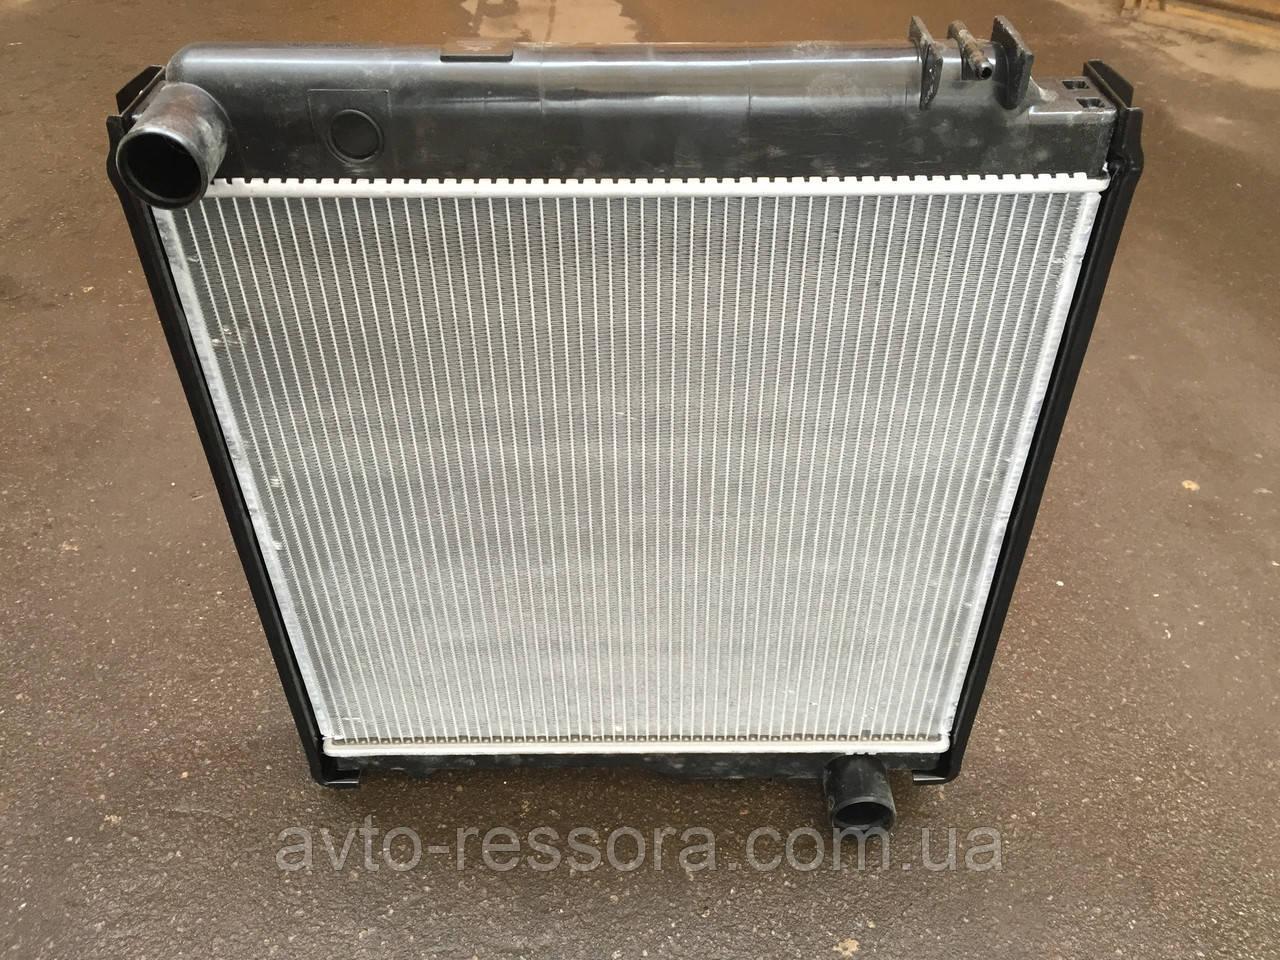 Радиатор водяного охлаждения Эталон, I-VAN, ТАТА  (613 EII, 613 EIII, 613 EIV)